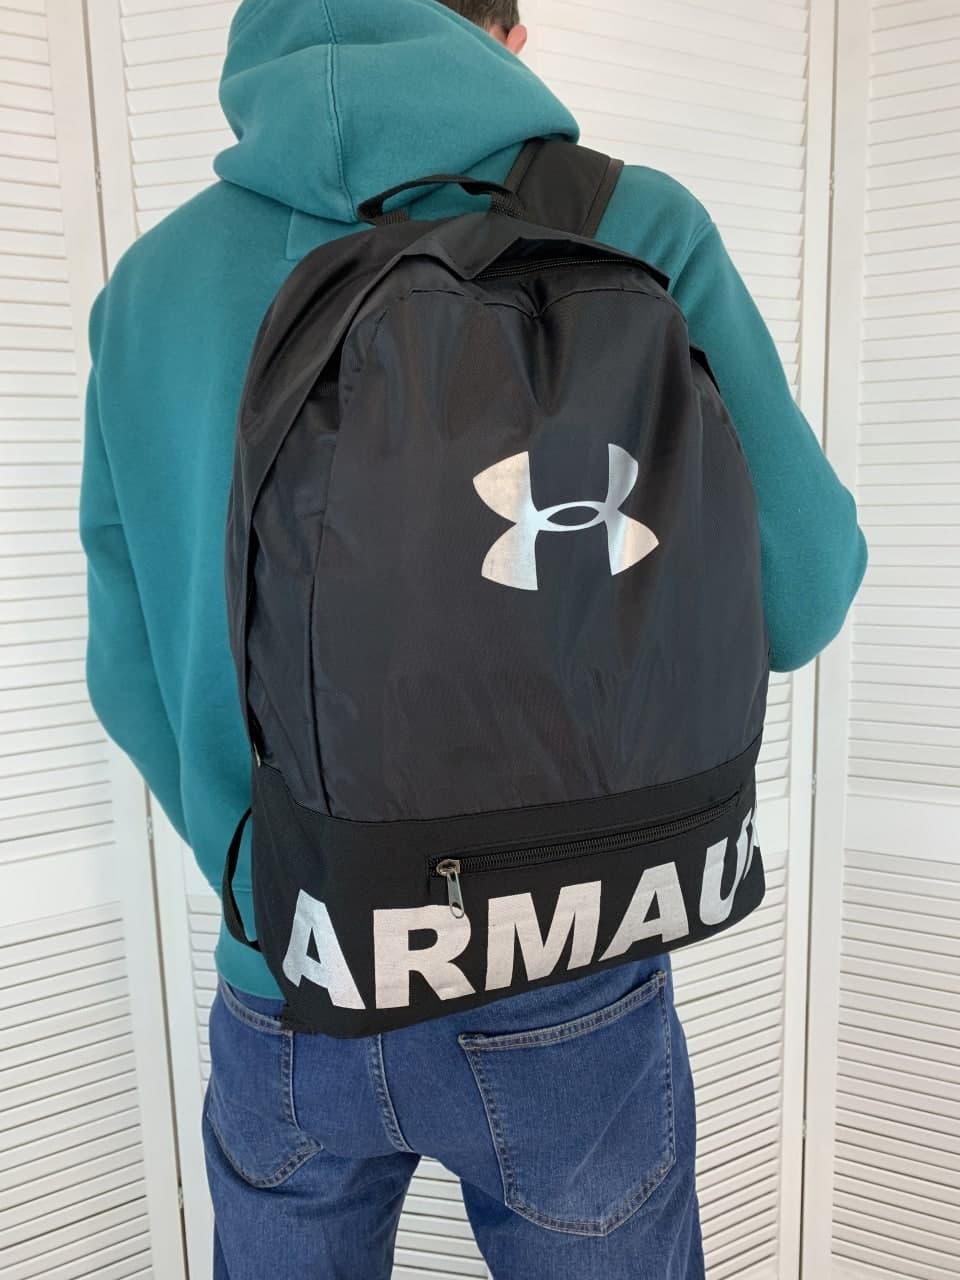 Рюкзак спортивный черный Under Armour/Андер Армор, городской вместительный рюкзак для учебы, ноутбука